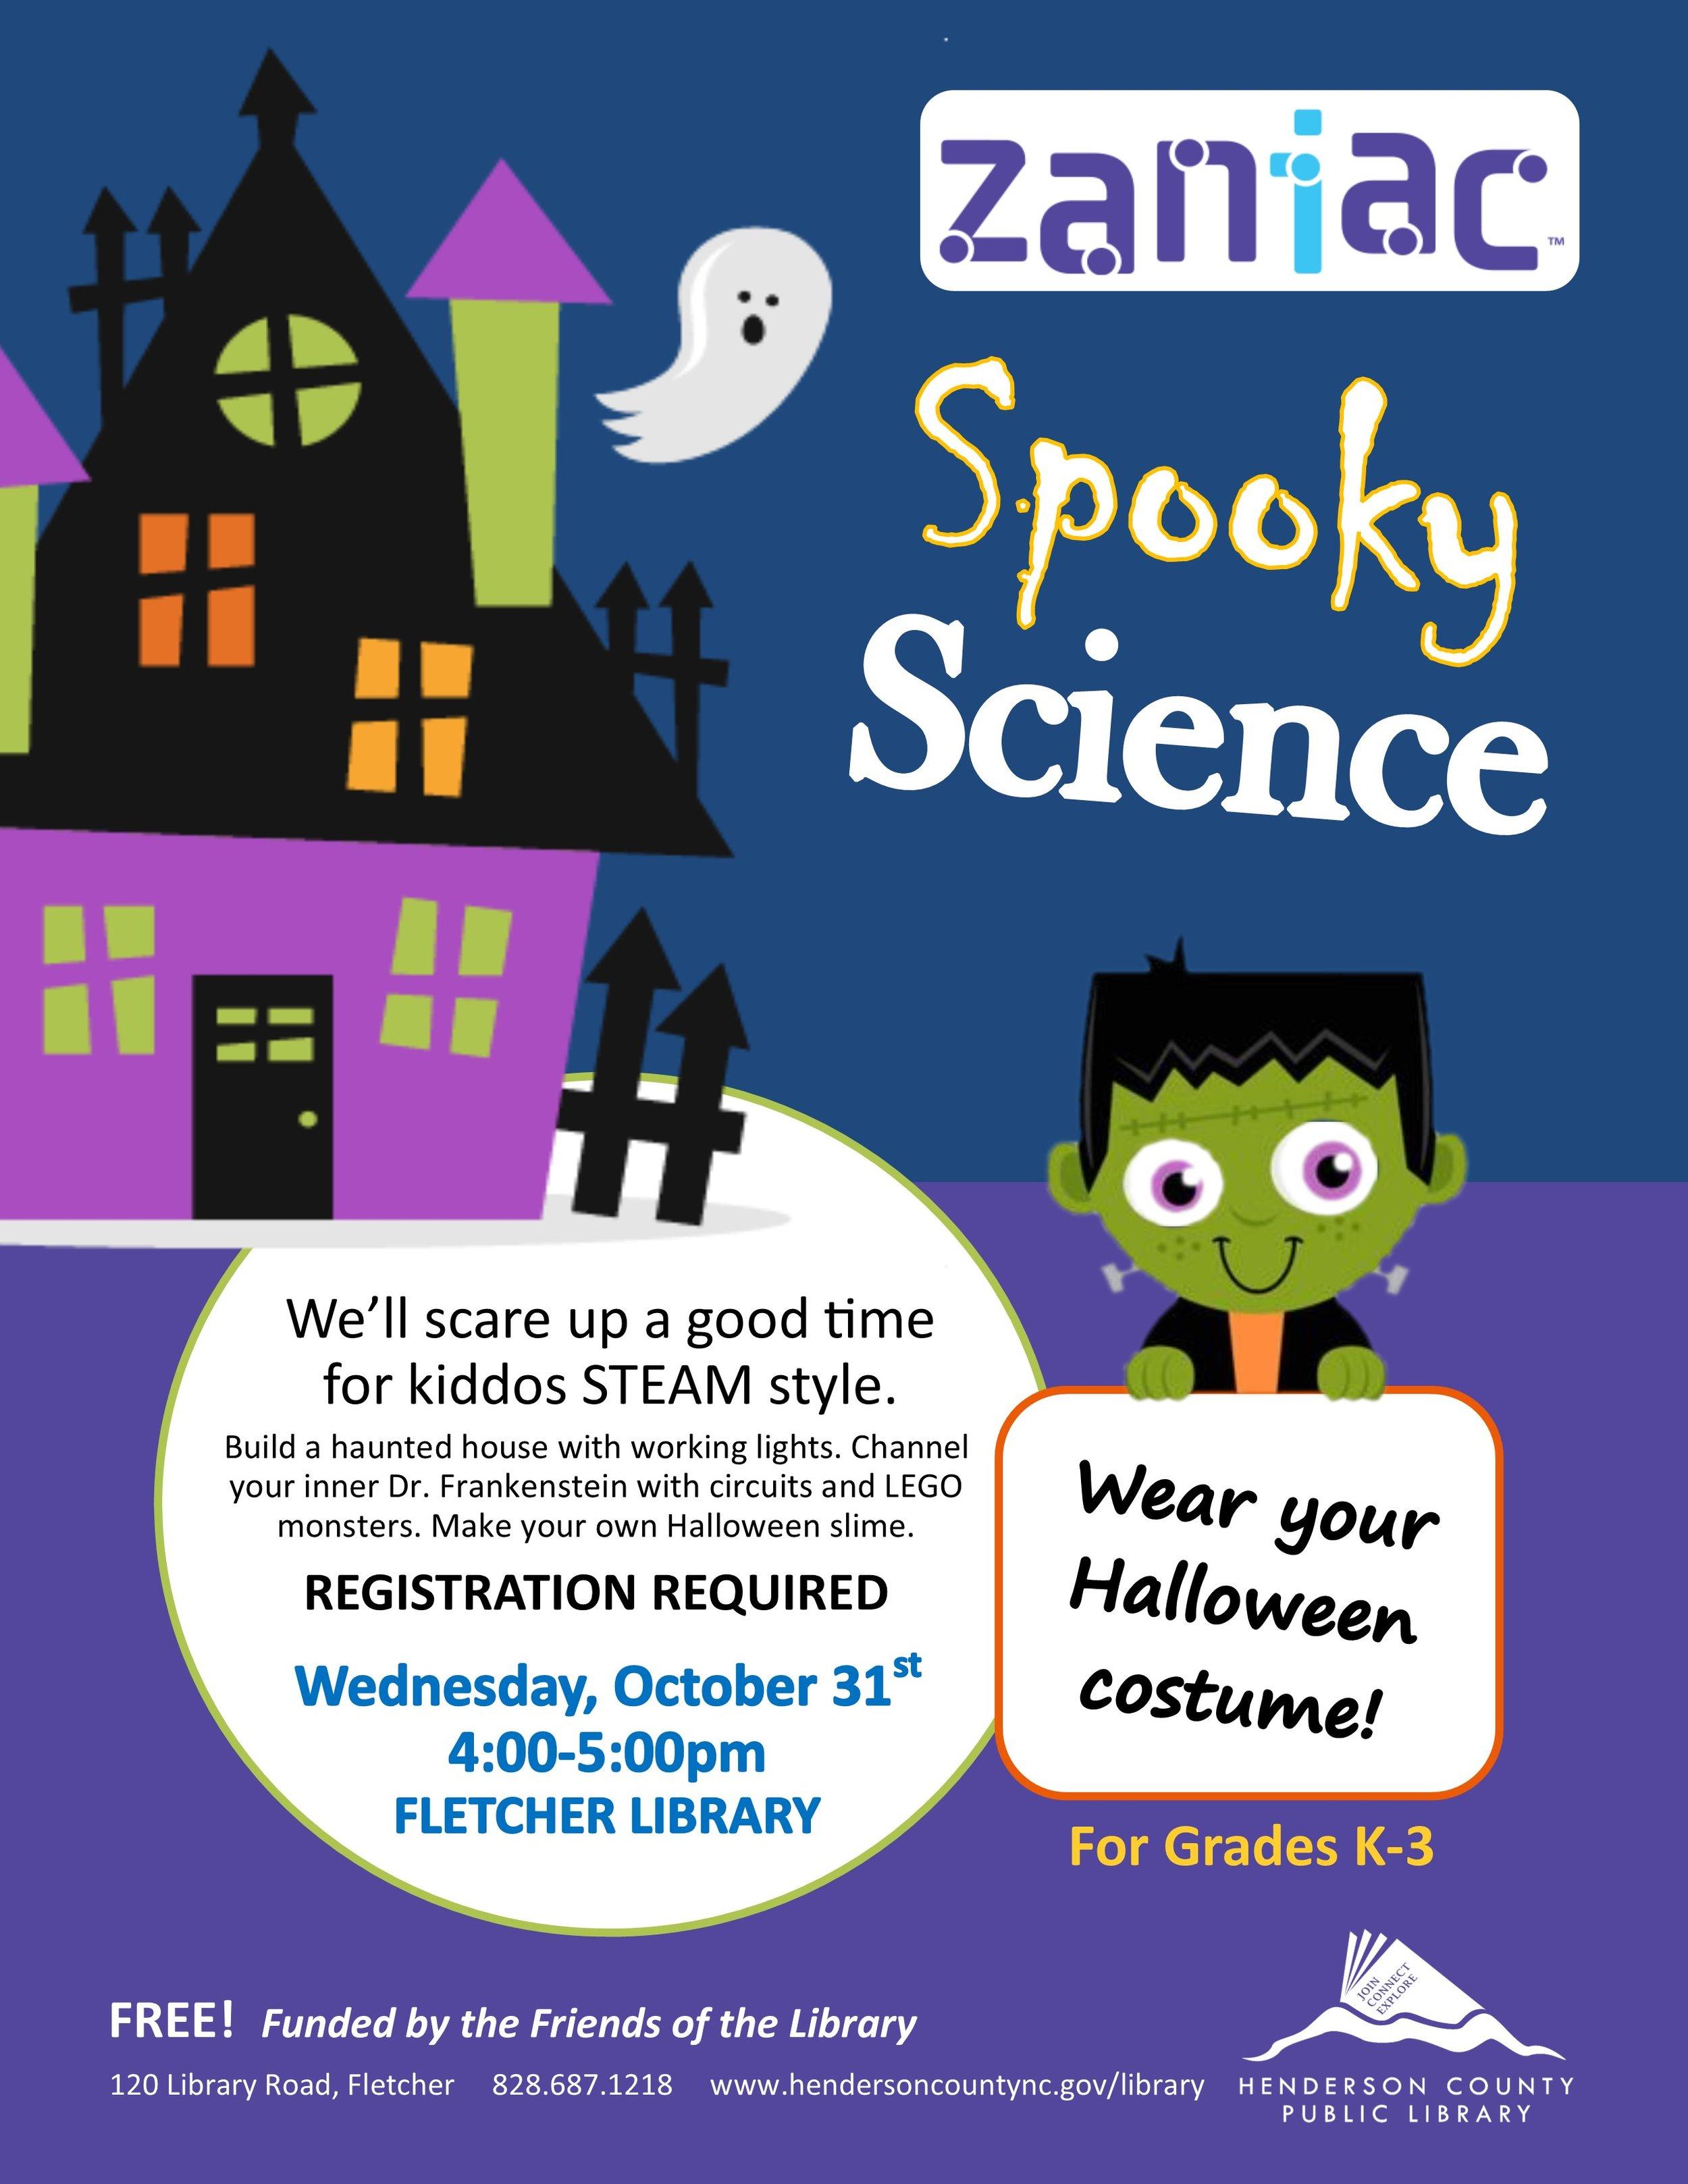 FL- Zaniac Spooky Science.jpg